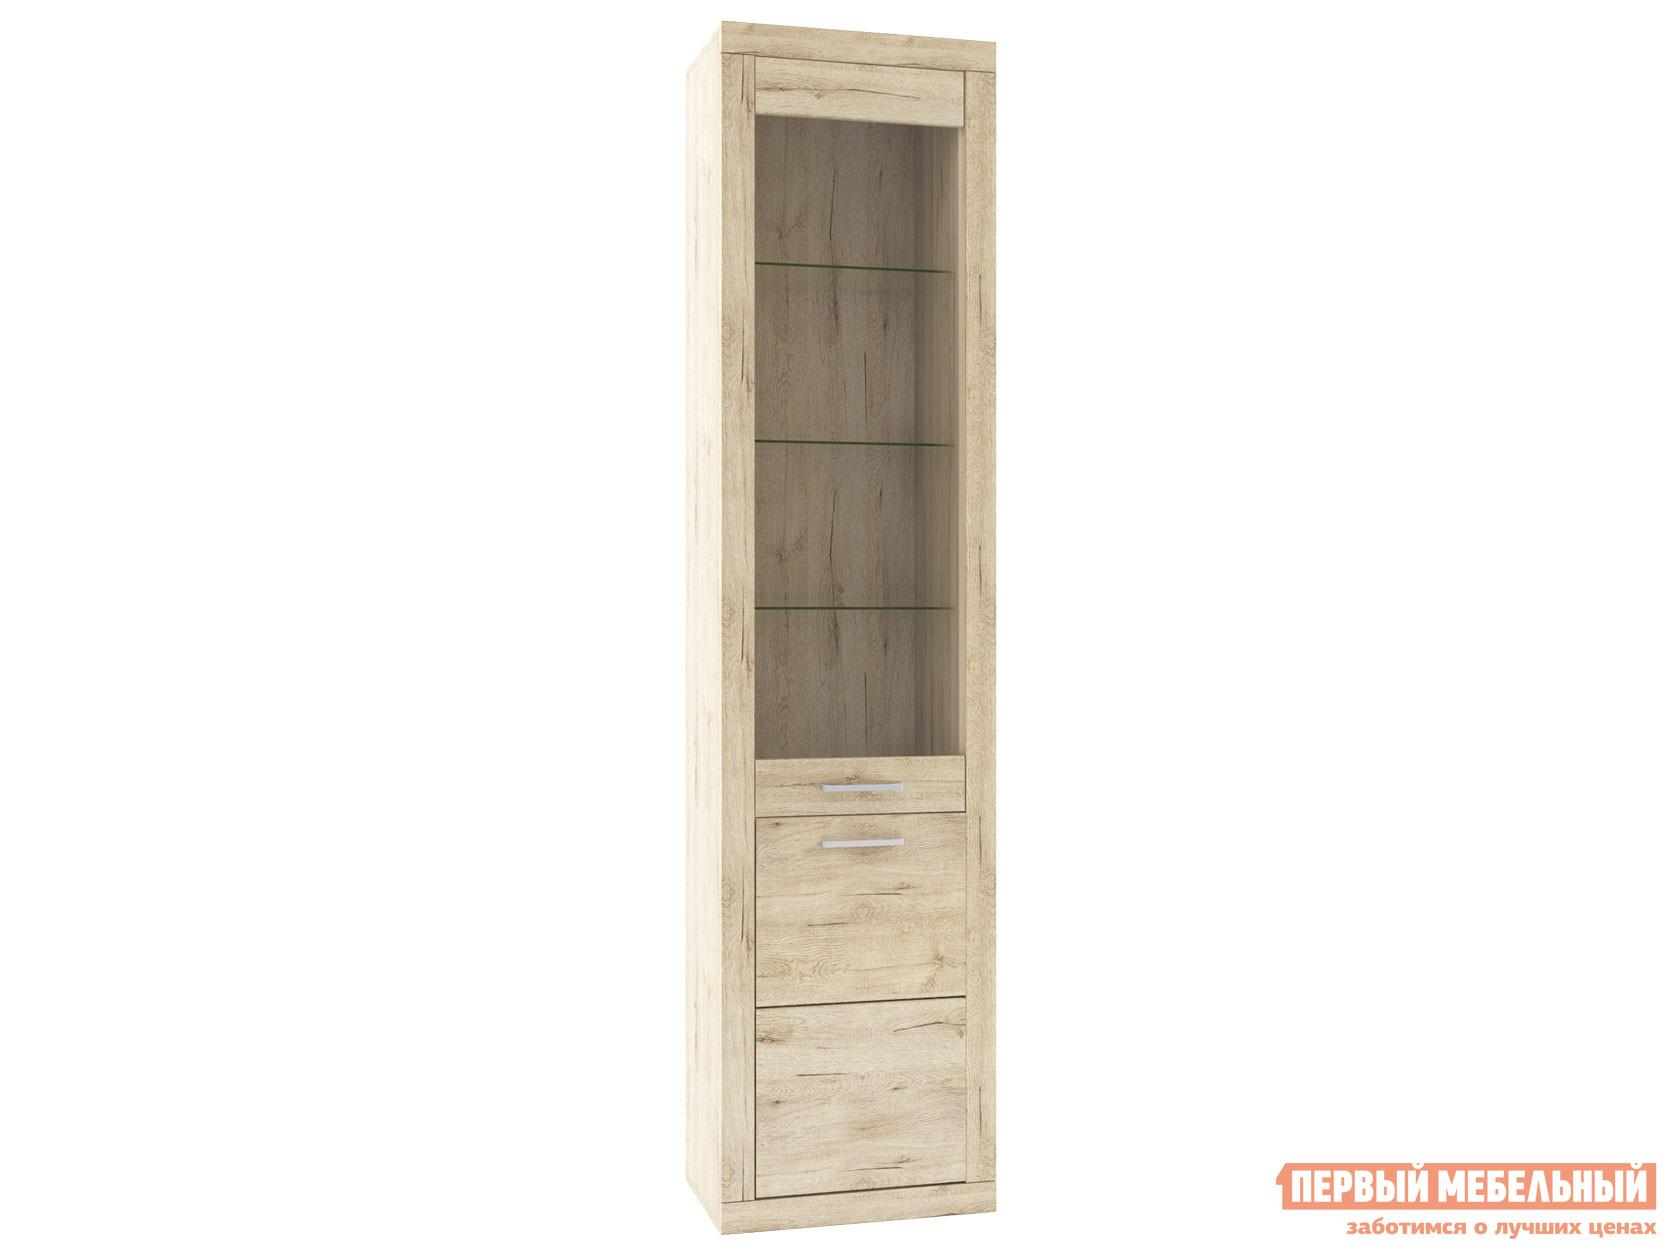 Шкаф-витрина Первый Мебельный Пенал-витрина Оскар шкаф пенал первый мебельный пенал оскар 7 со штангой